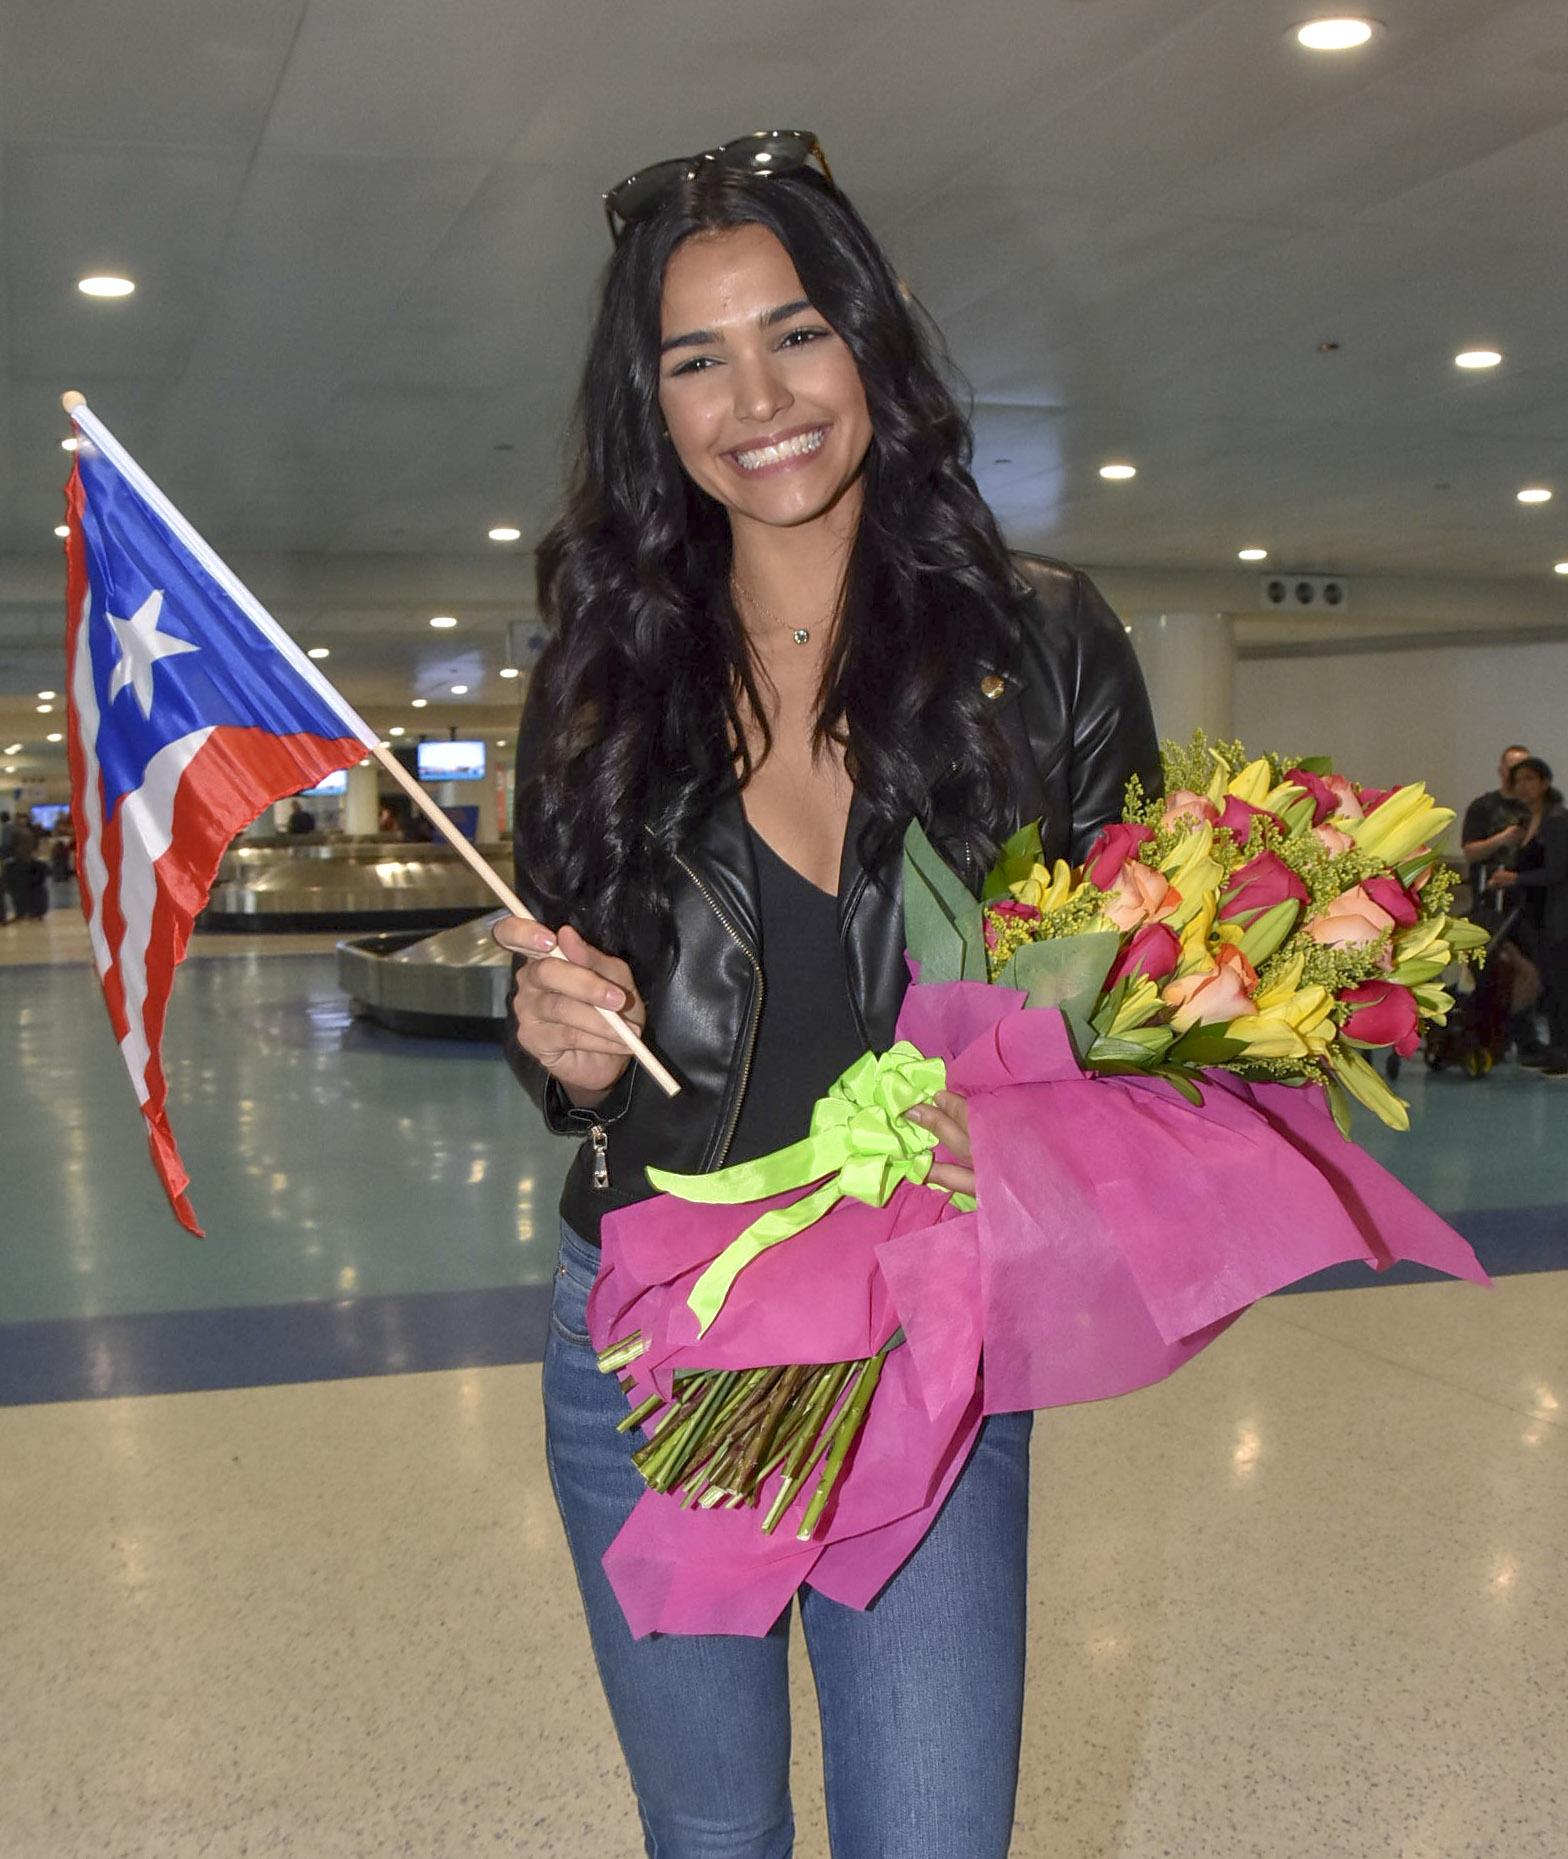 Kiara Liz Ortega la ex Miss Puerto Rico y reciente ganadora del reality show 'Mira Quien Baila' de Univisión, no dejó de bailar de la alegría a su llegada a Puerto Rico, donde fue recibida por sus familiares y fanáticos.